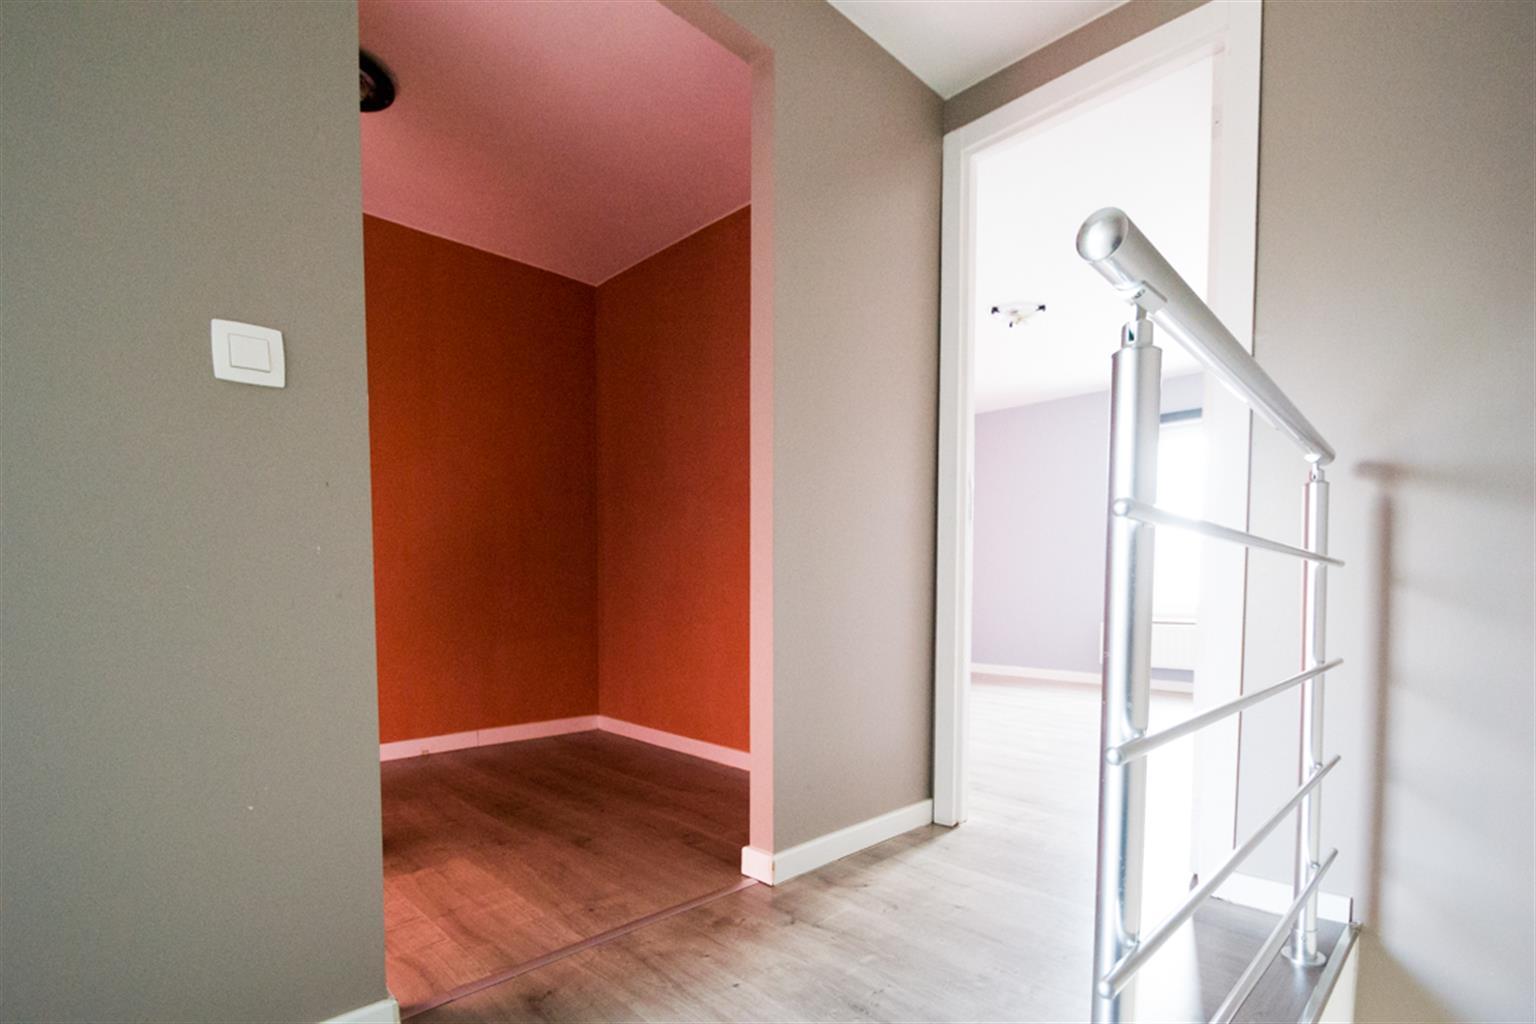 Maison - Epinois - #4305630-8